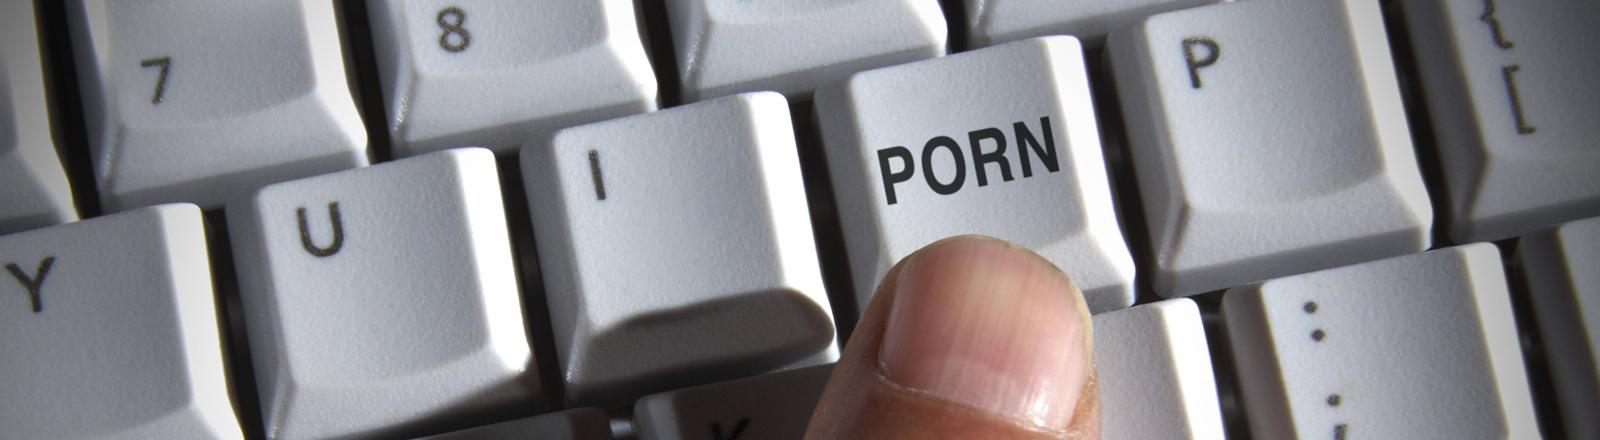 """Ein Finger drückt auf einer Tastatur auf eine Taste mit der Aufschrift """"porn"""""""